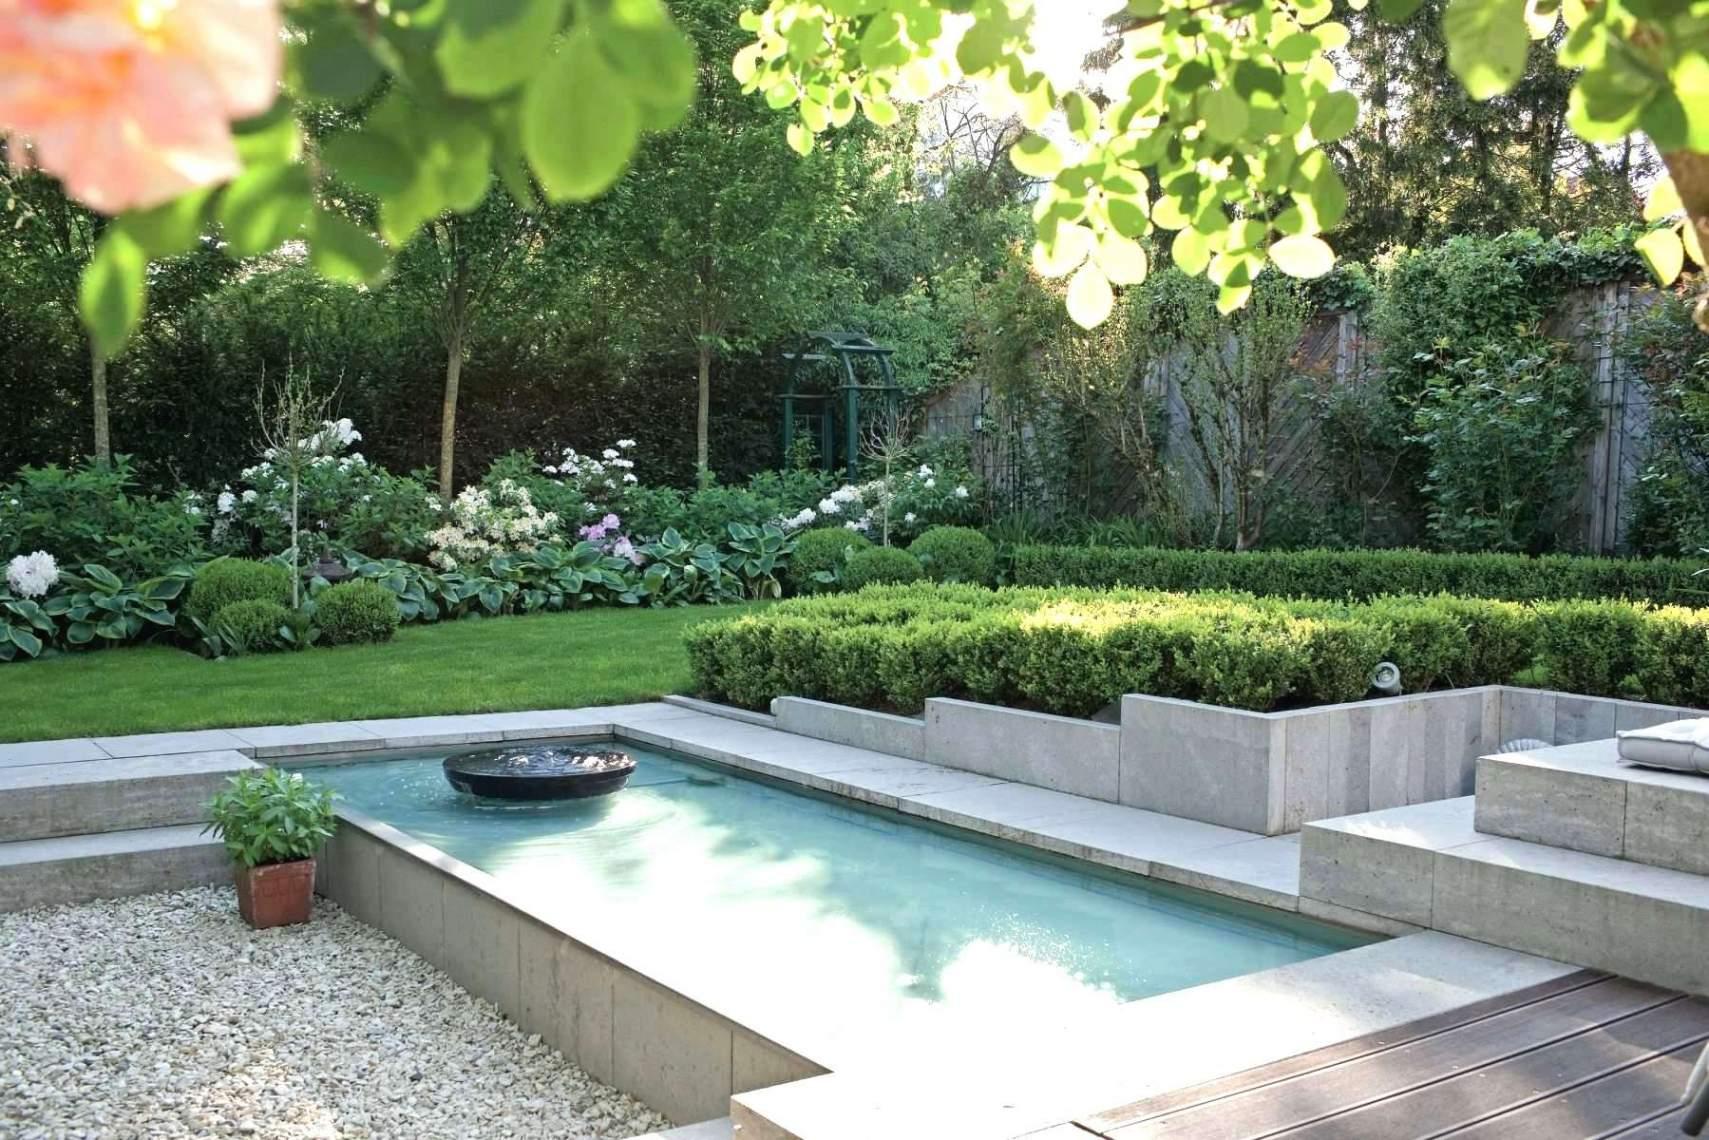 Garten Mediterran Inspirierend Wintergarten Mediterran Gestalten — Temobardz Home Blog